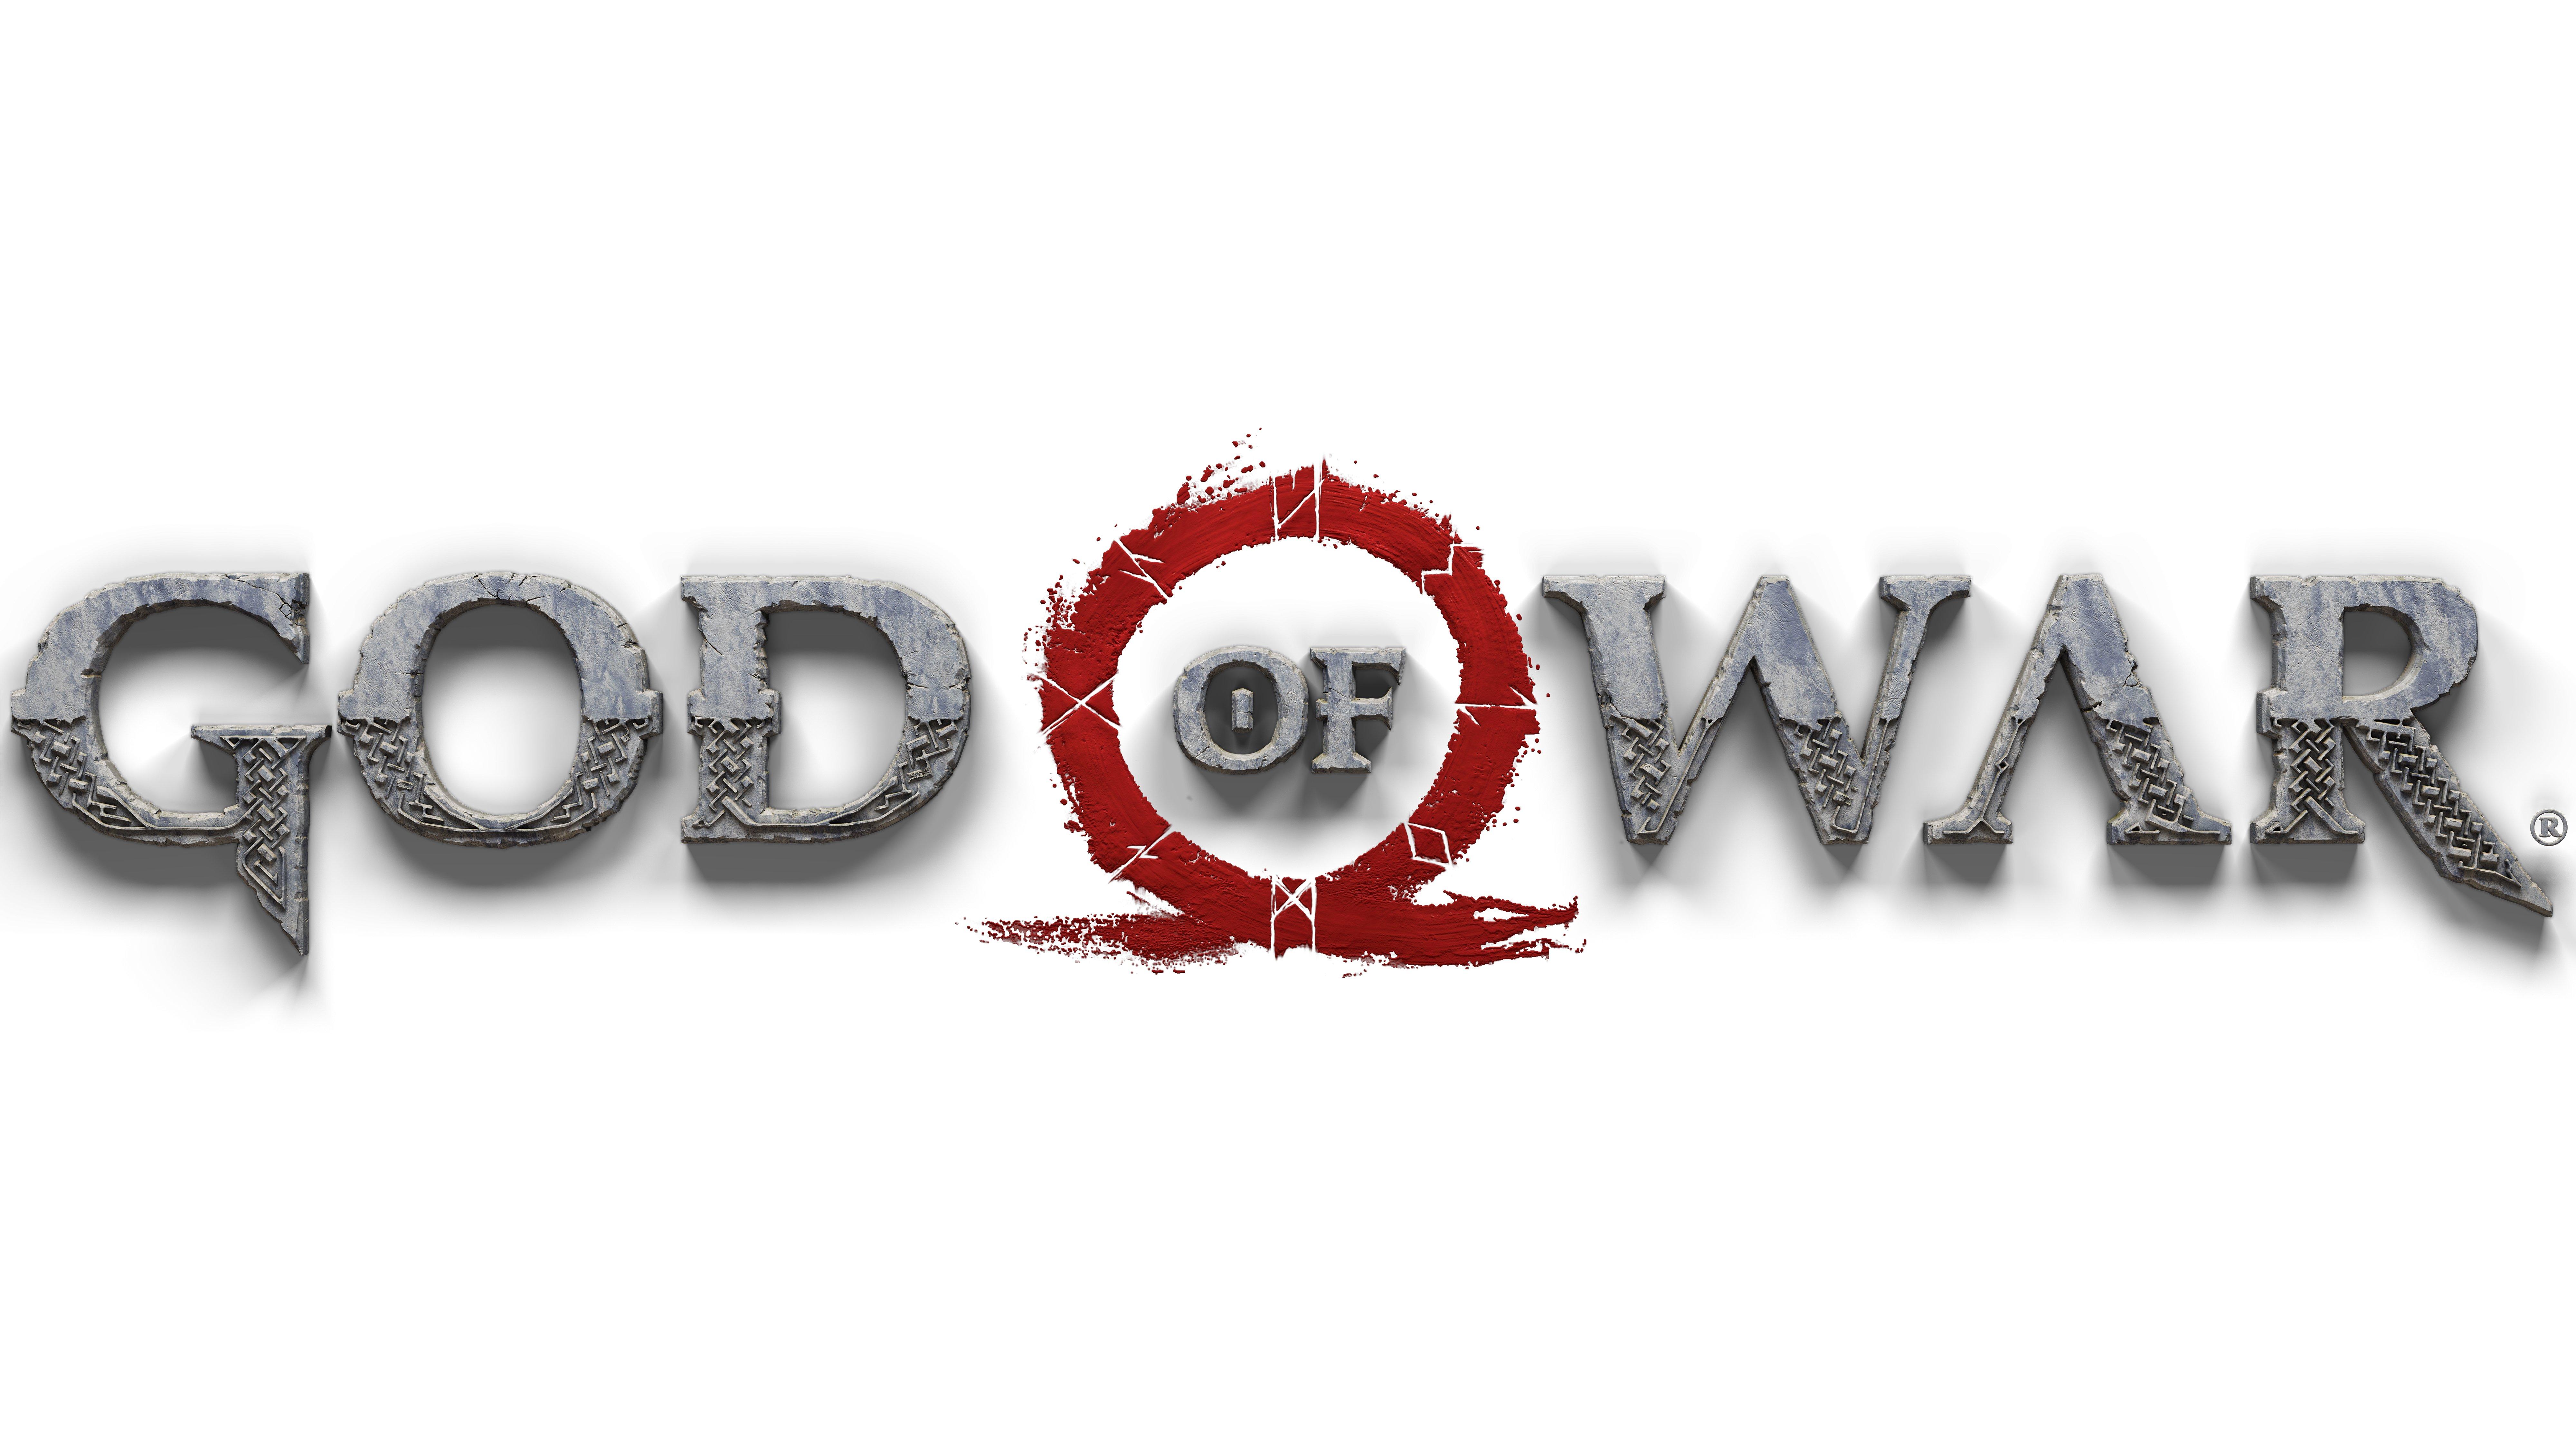 GodofWarPS4 PS4 Jaquette 002